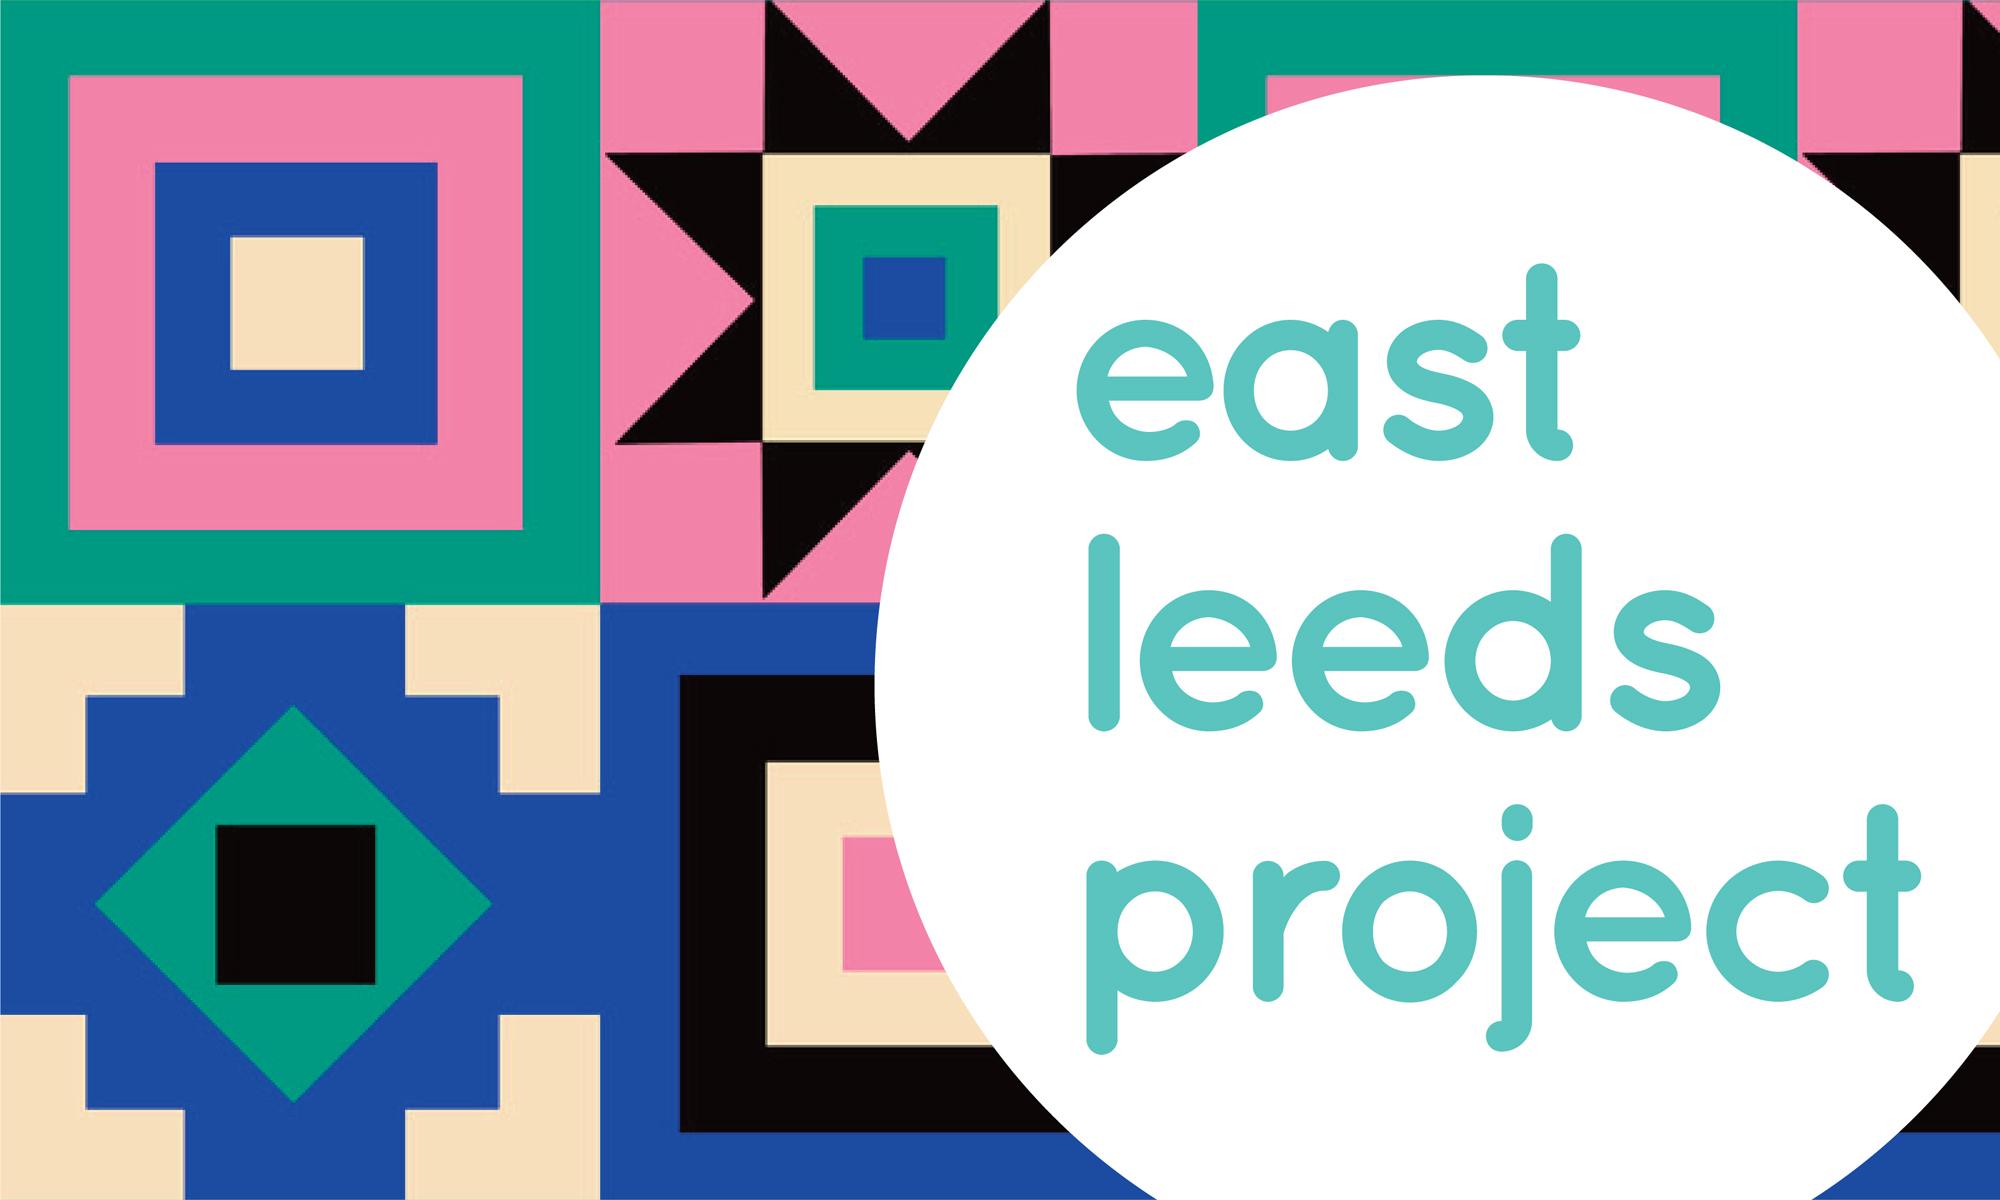 eastleedsproject